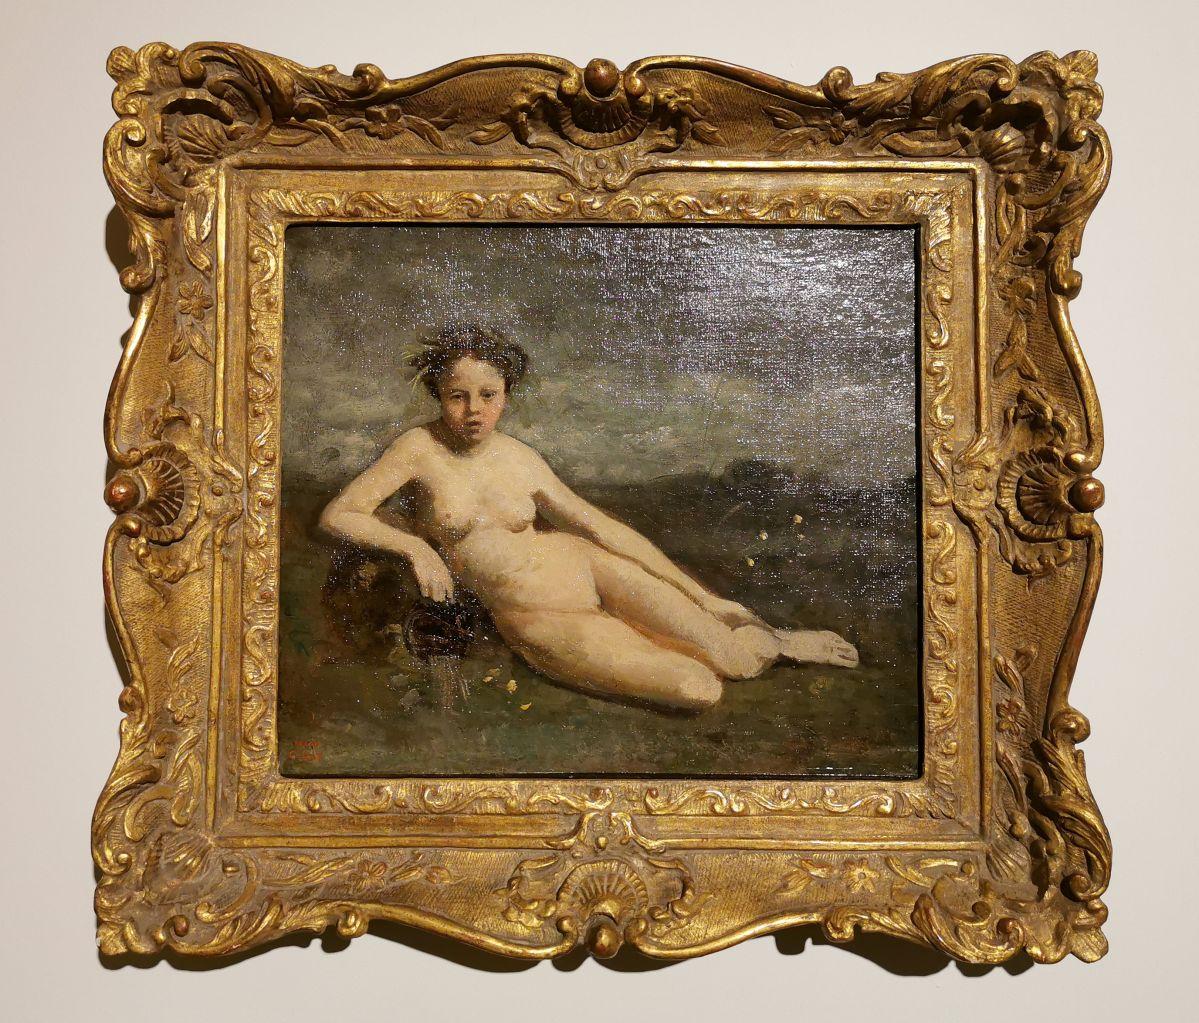 Corot - La source, 1850-1853 - Paul Valéry et les peintres - Autres regards de Valéry sur les peintres depuis sa jeunesse - Musée Paul Valéry à Sète